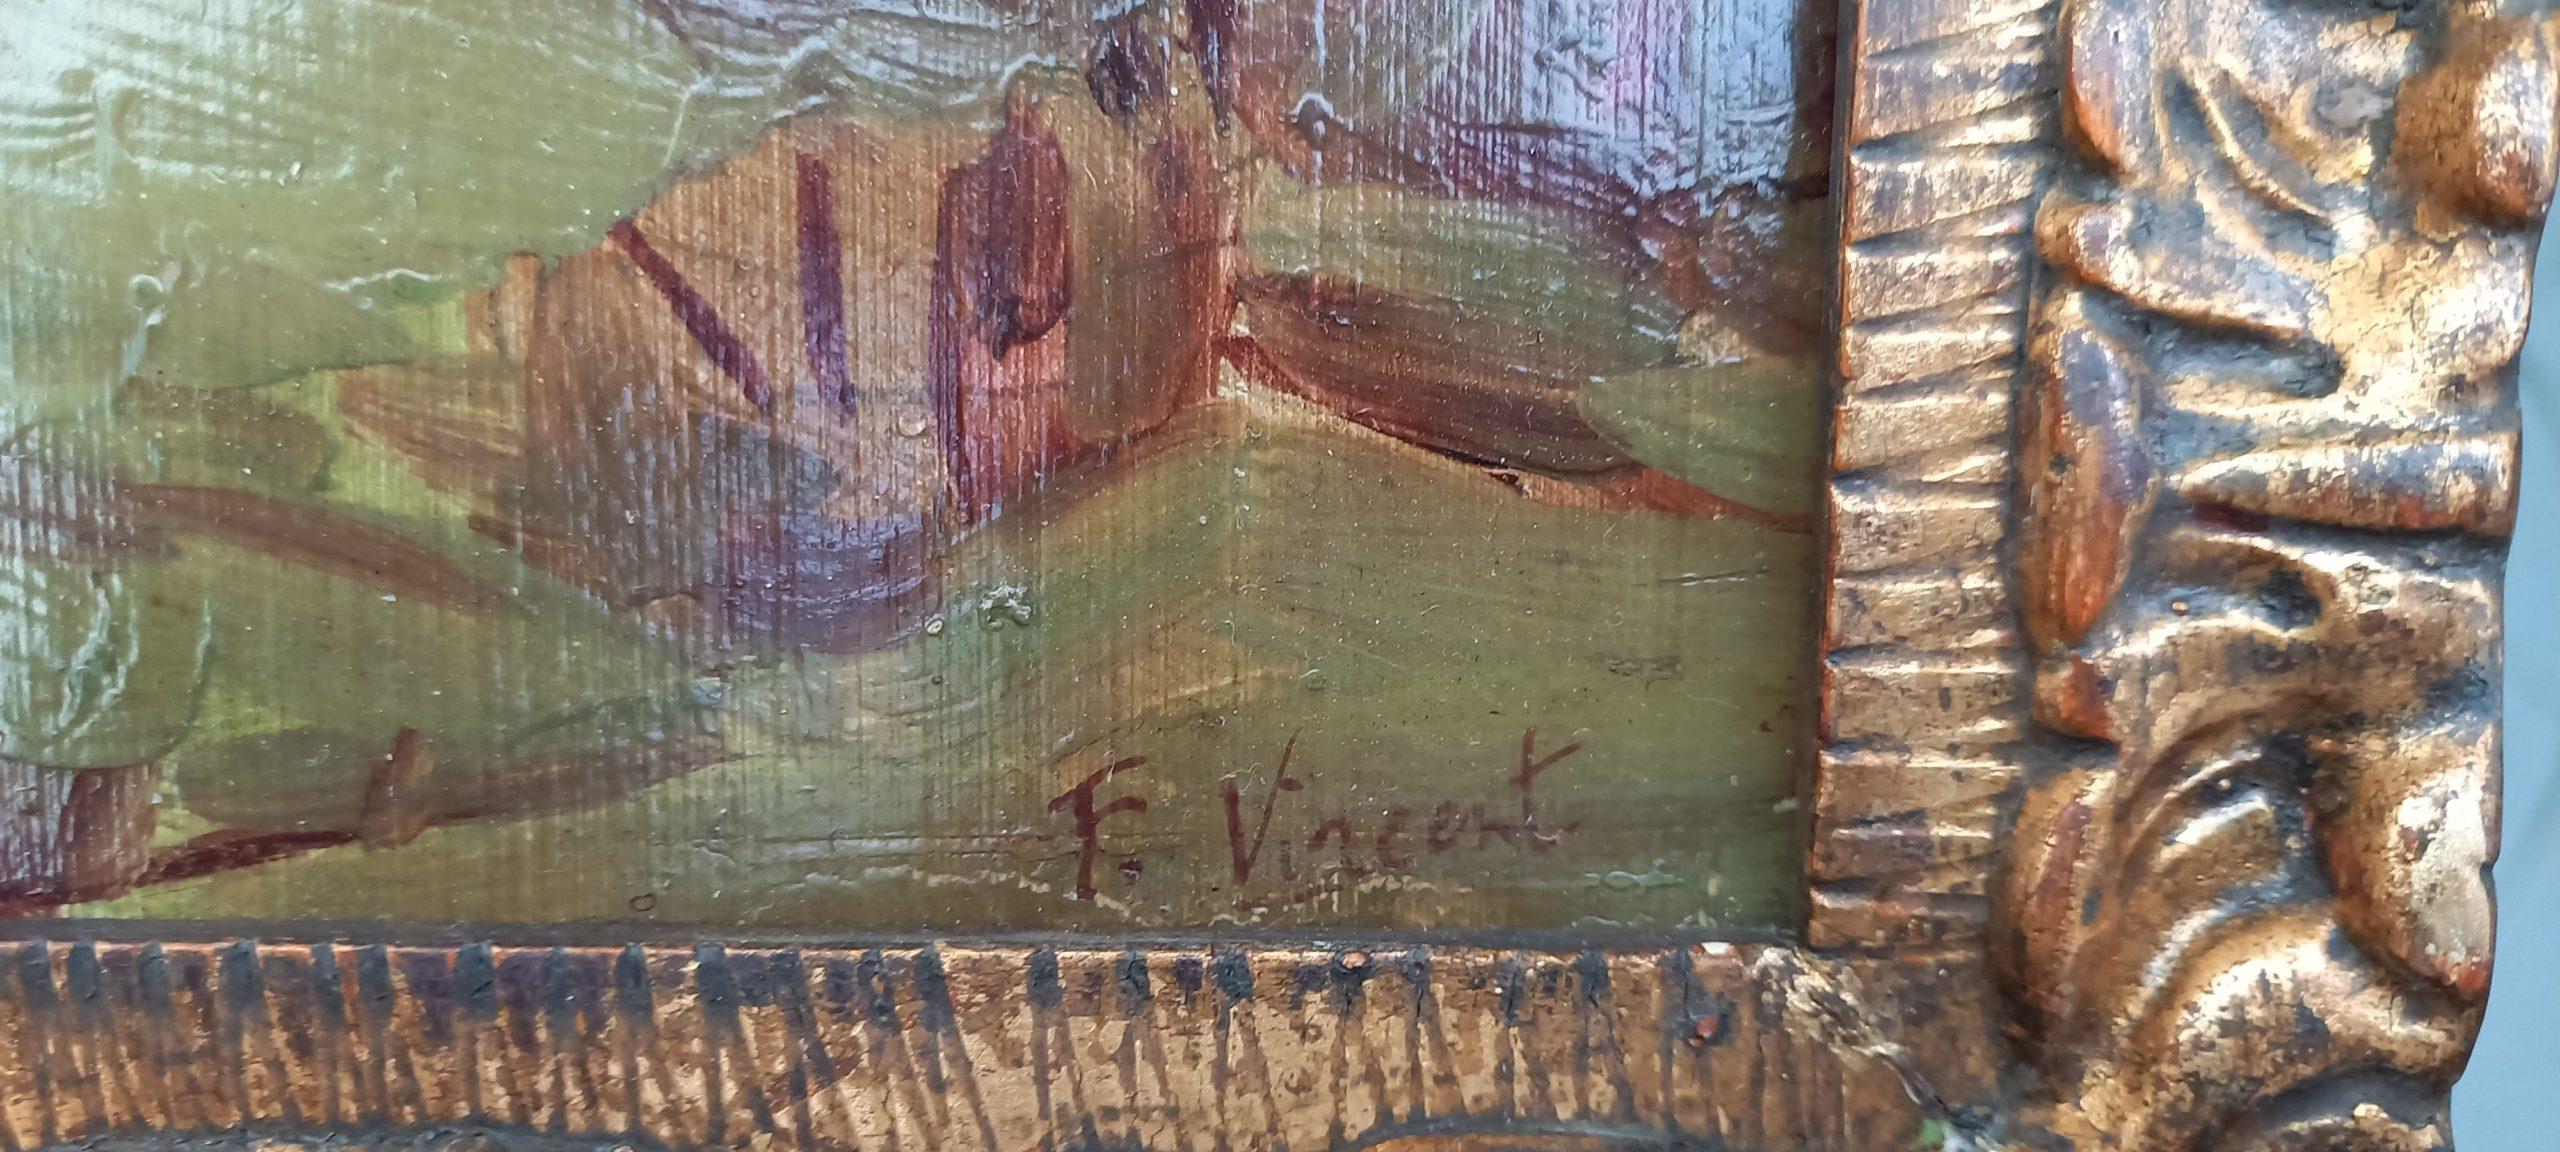 Vincent-f-paysage-de-campagne-signature